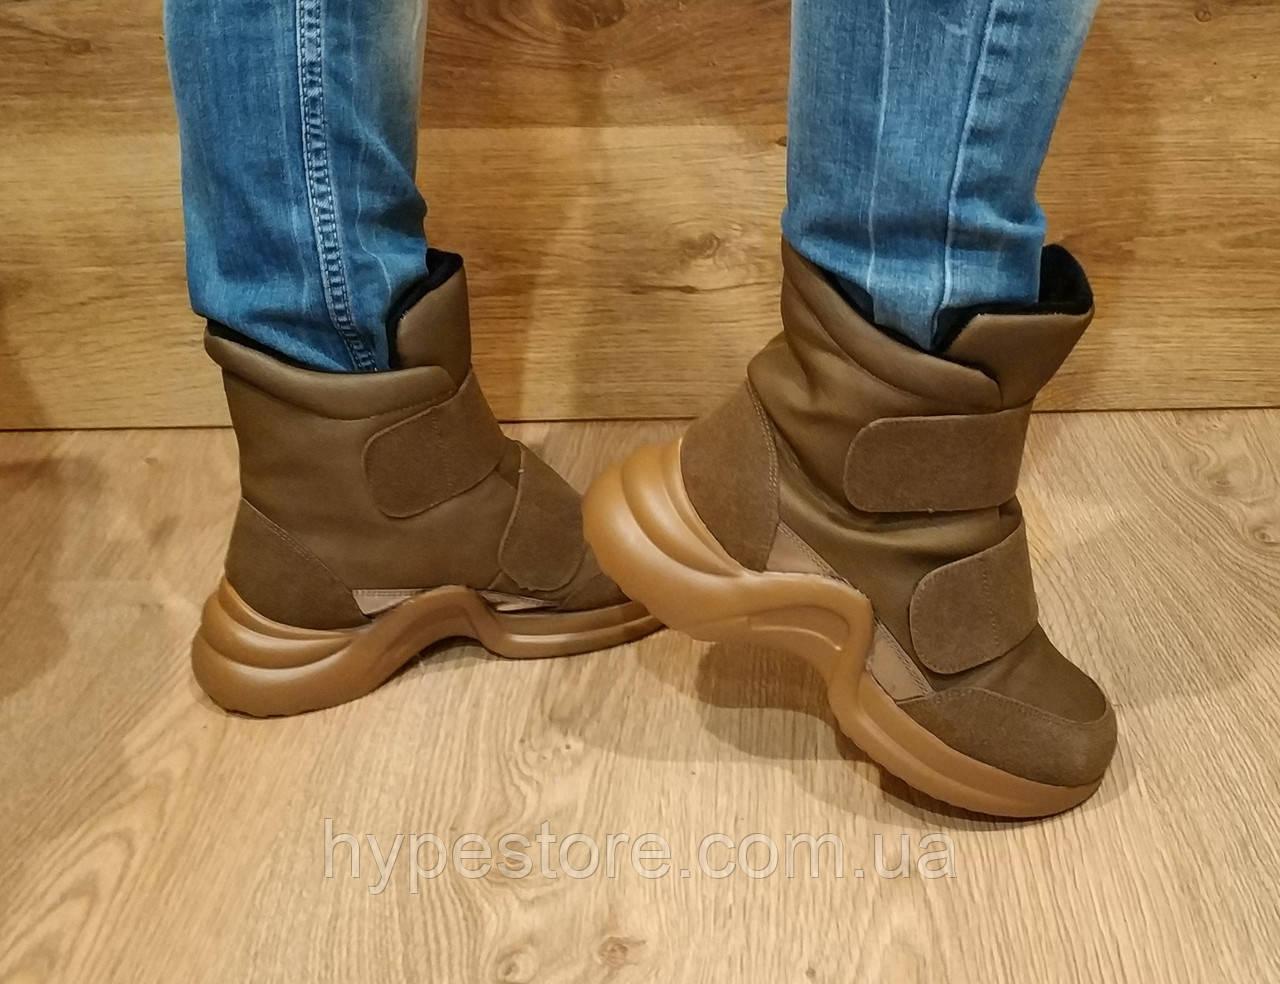 Женские модные кроссовки сникерсы, ботинки,туфли,ботильоны,РАСПРОДАЖА